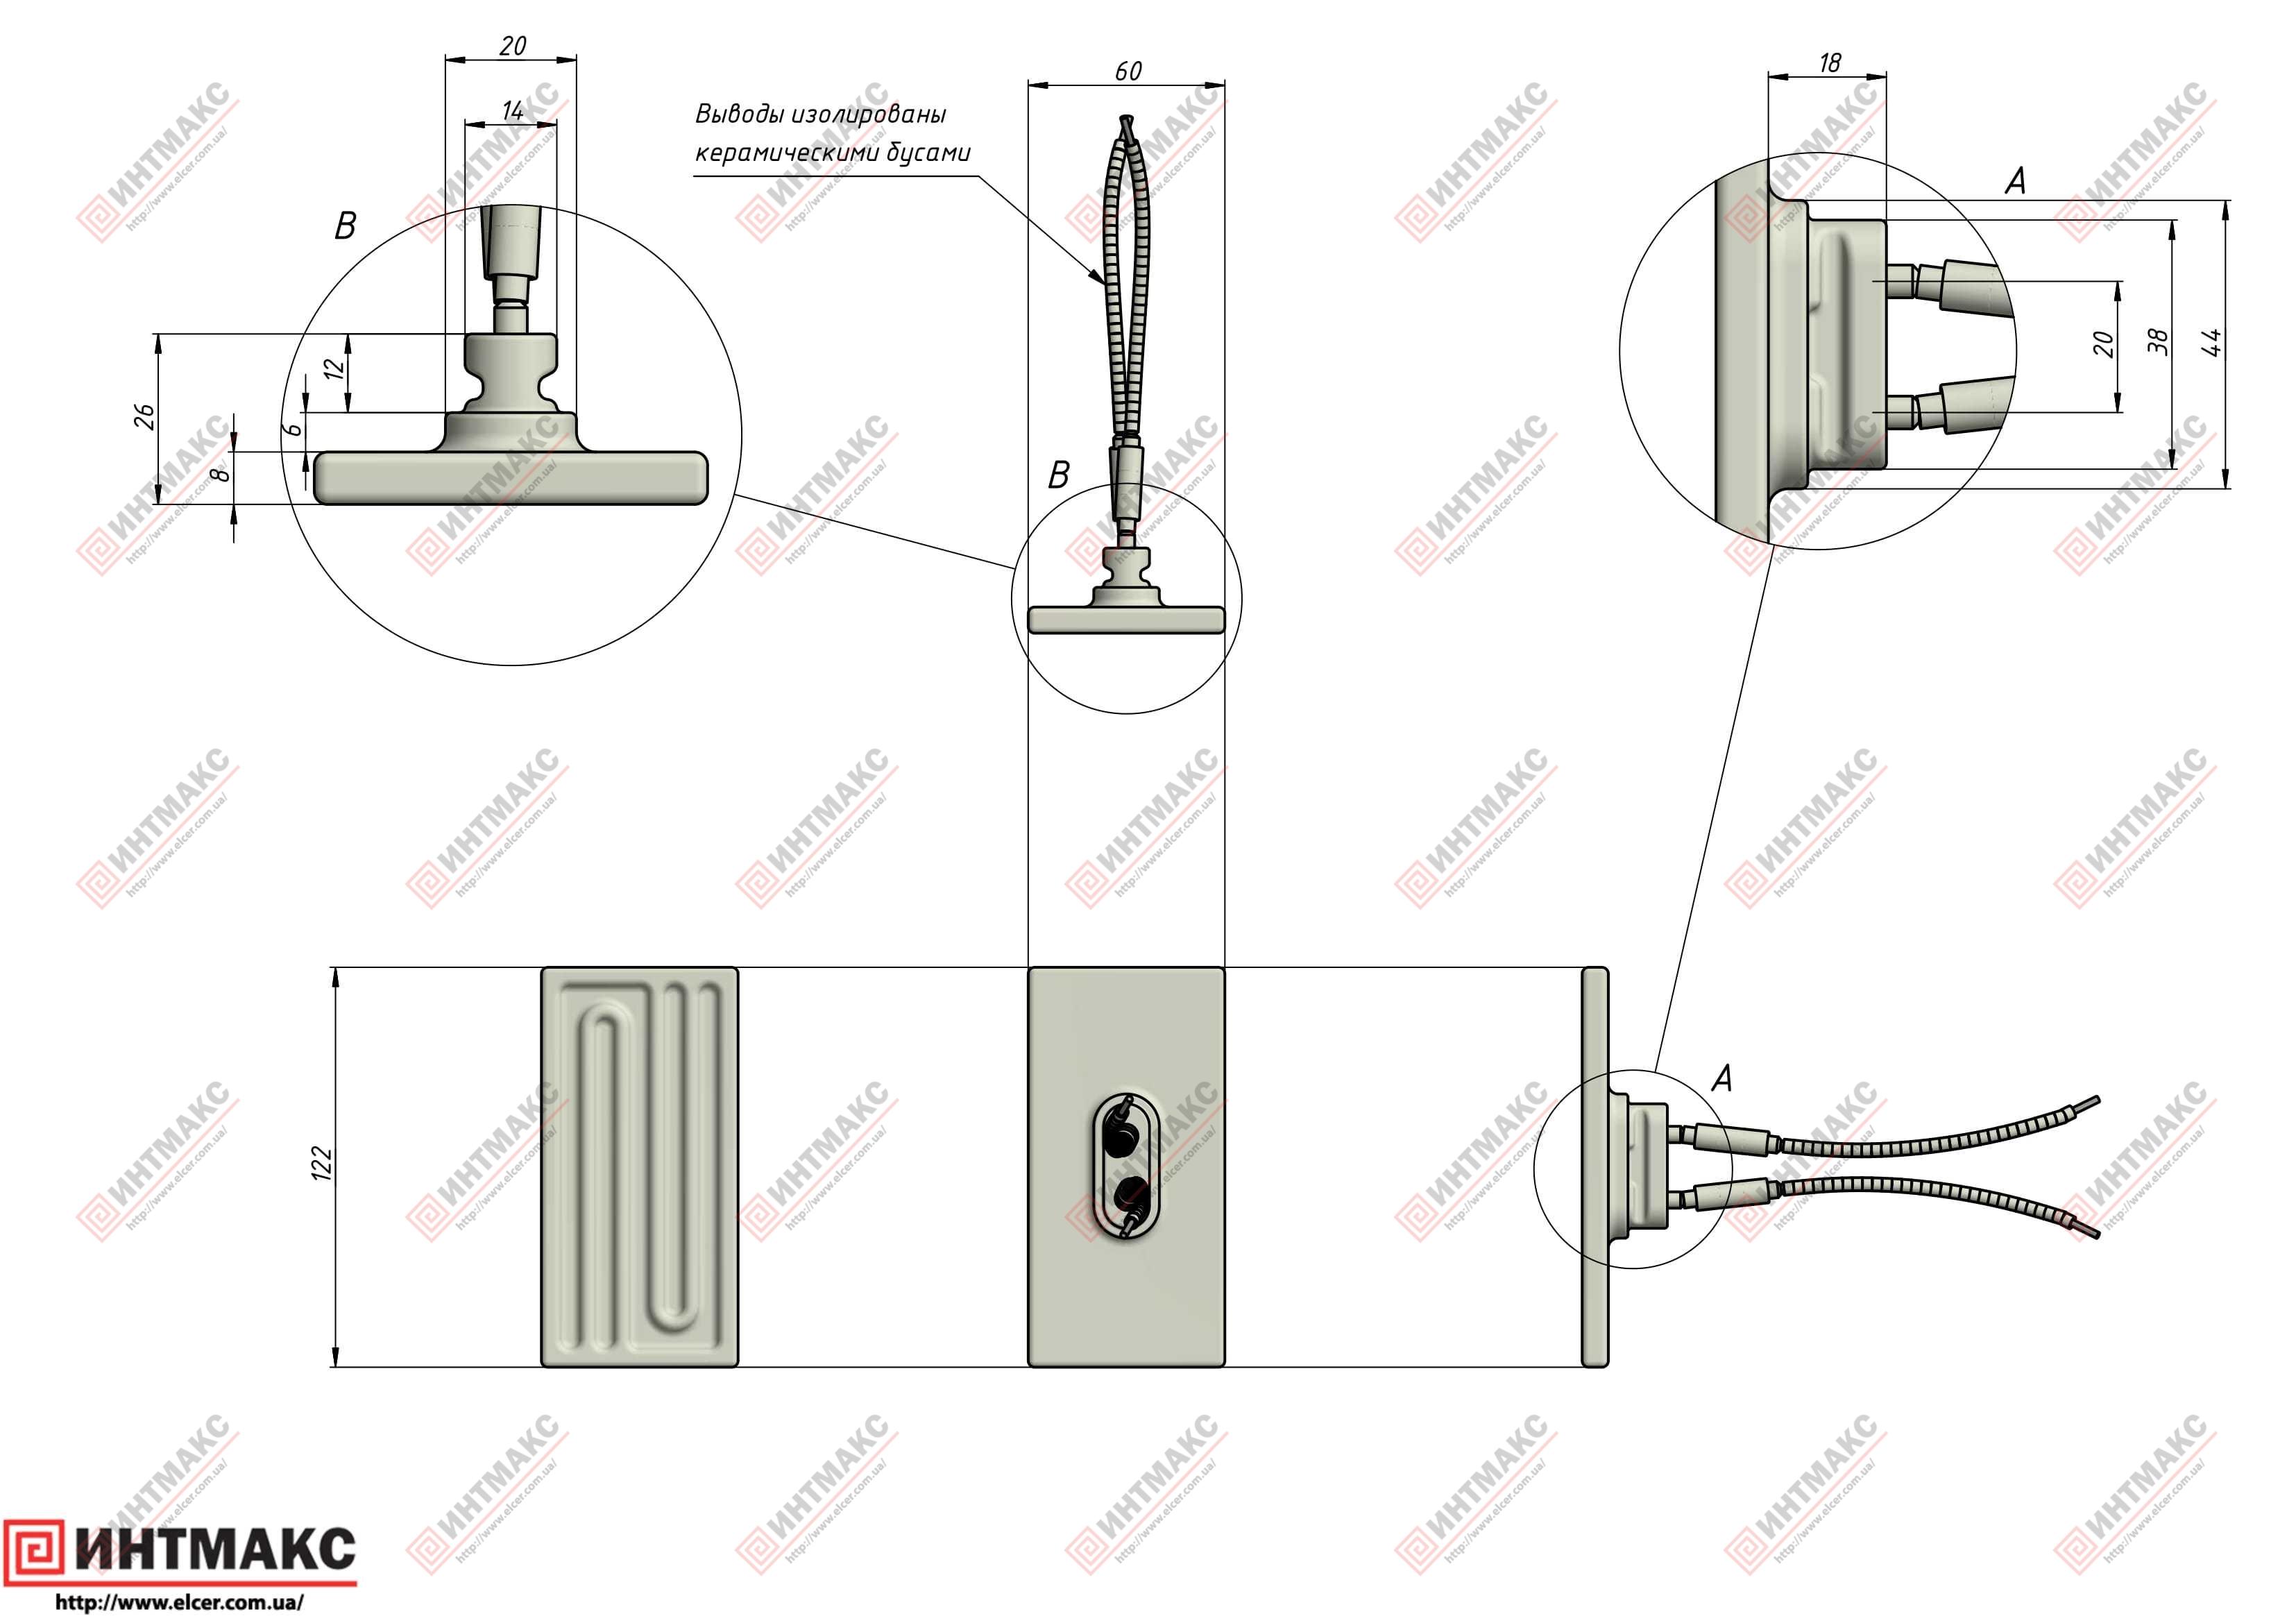 Керамический инфракрасный излучатель ECS2 чертеж